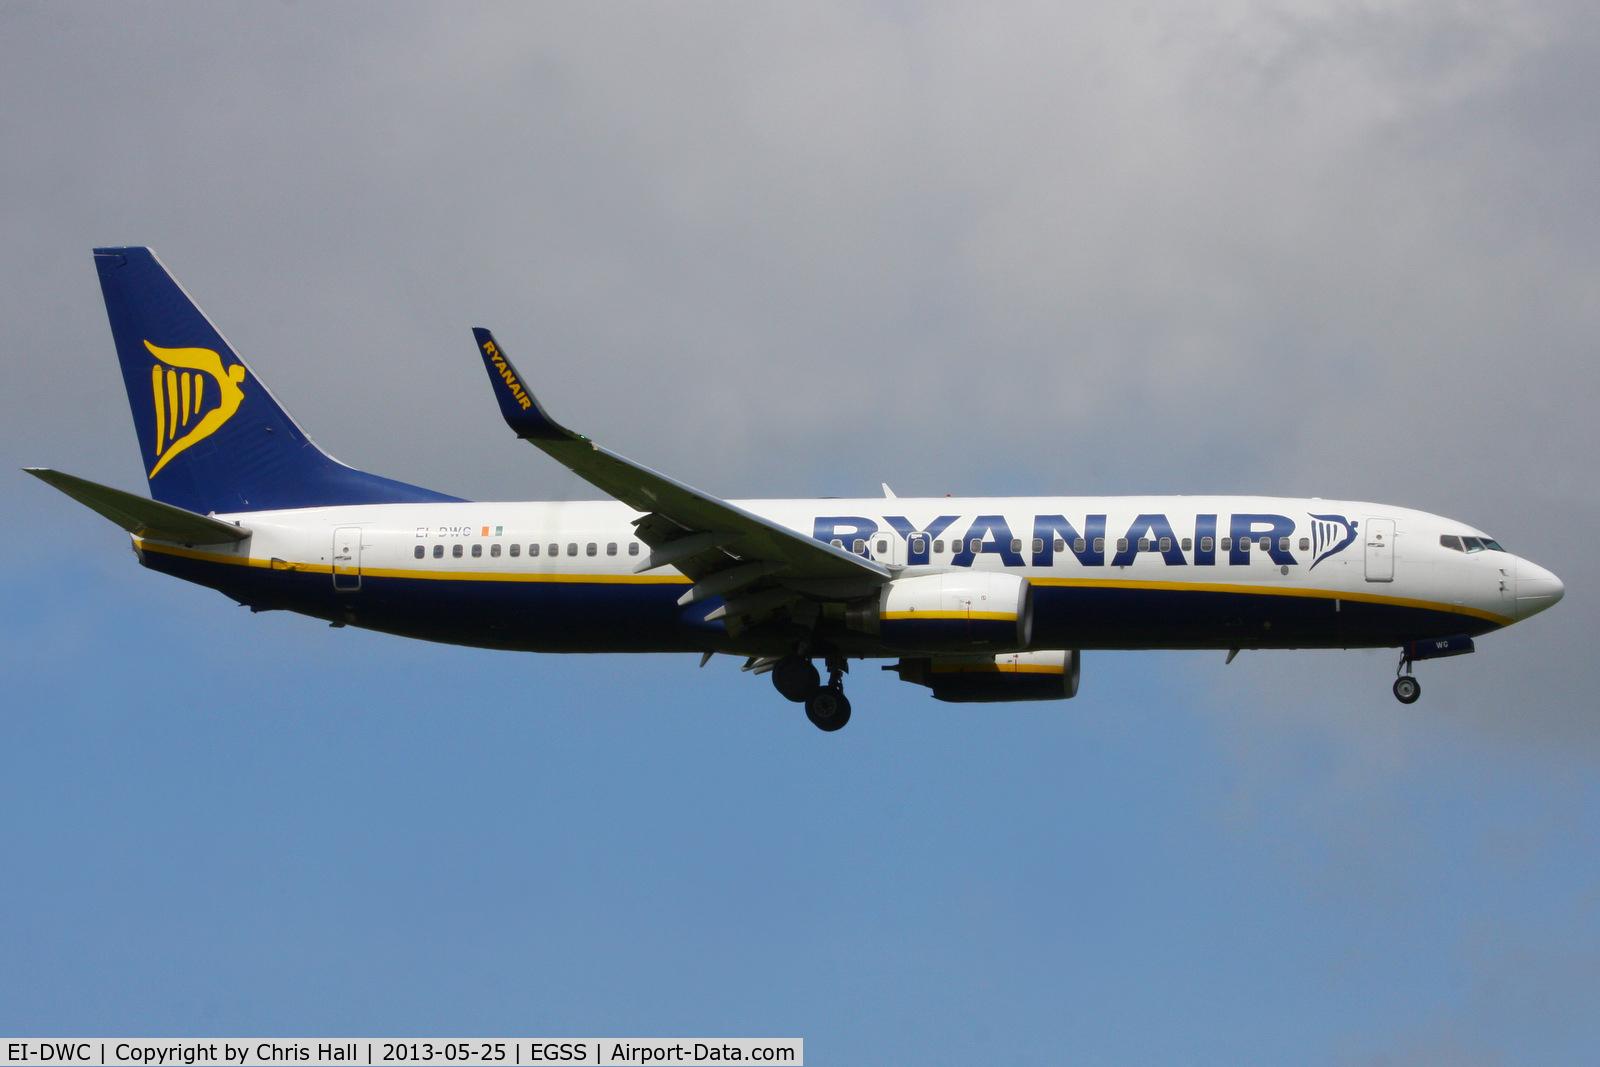 EI-DWC, 2007 Boeing 737-8AS C/N 36076, Ryanair